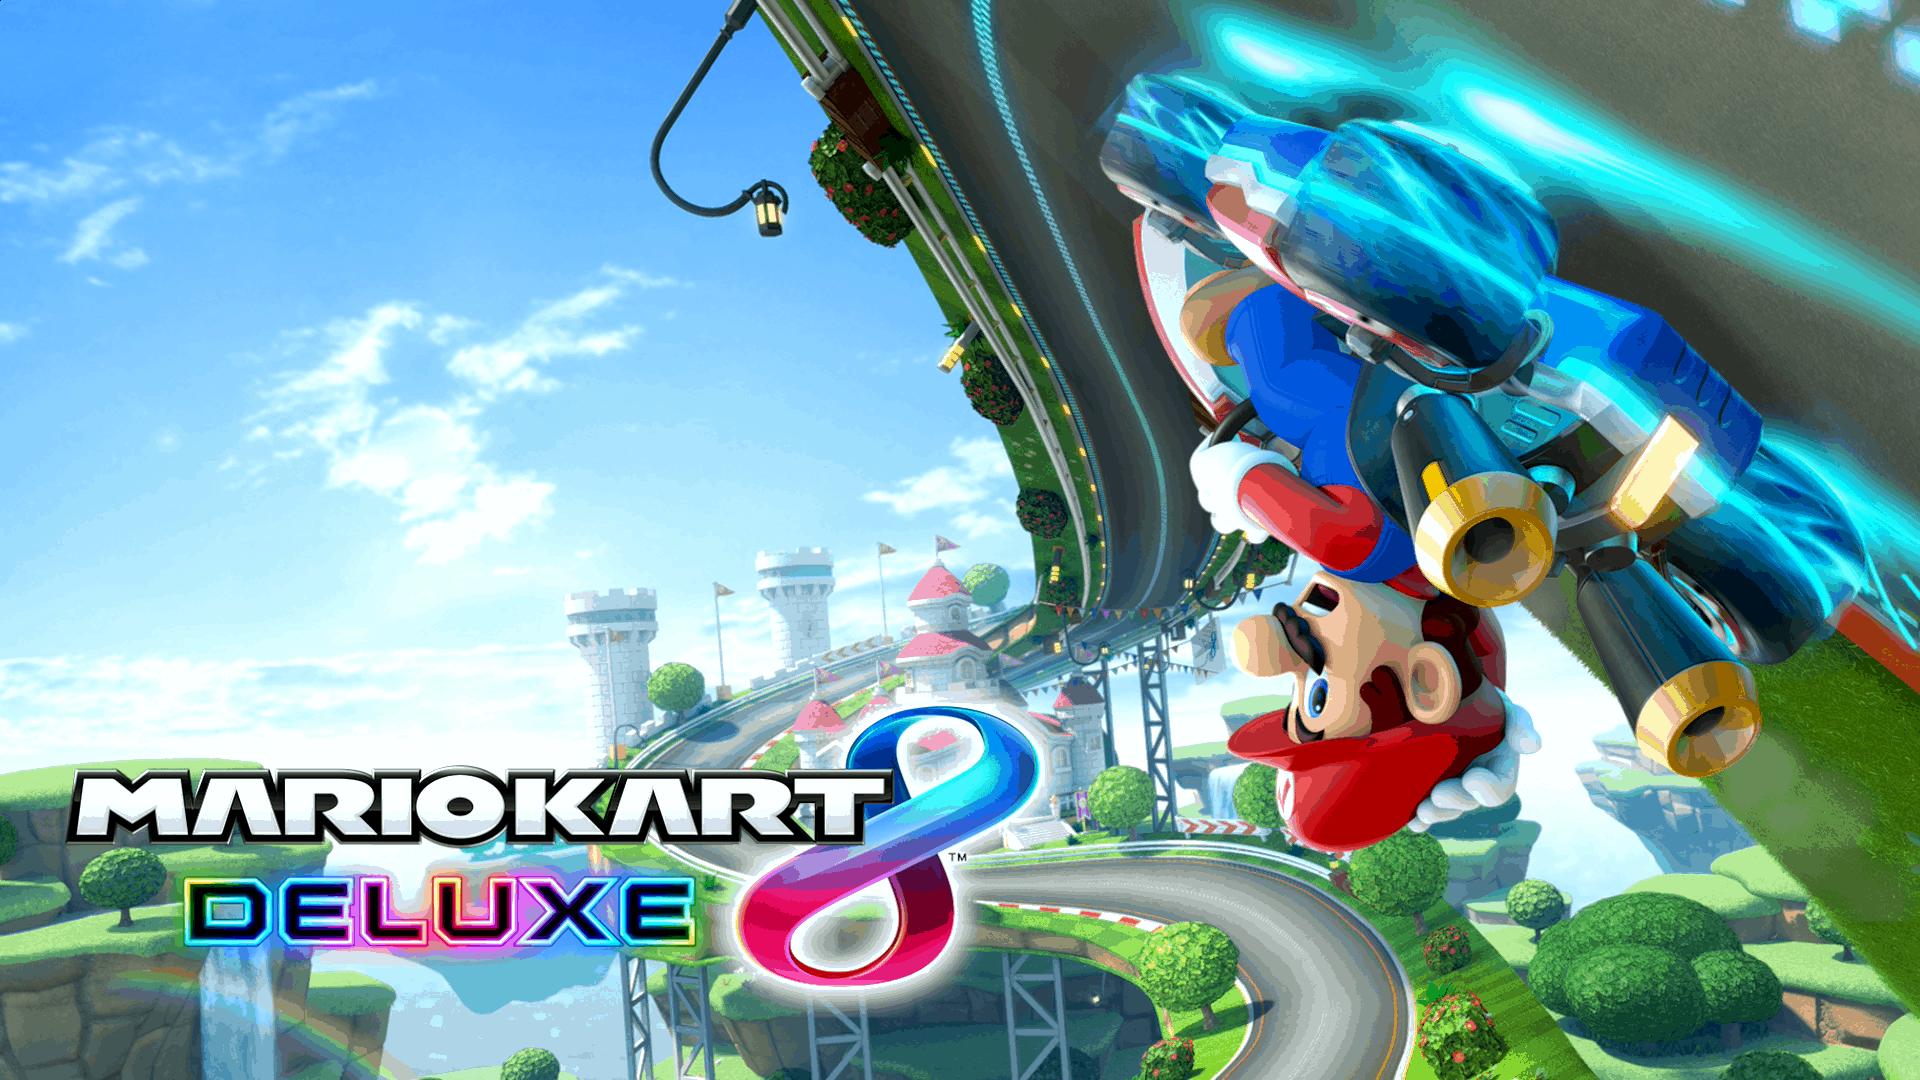 Best Racing Games - Mario Kart 8 Deluxe